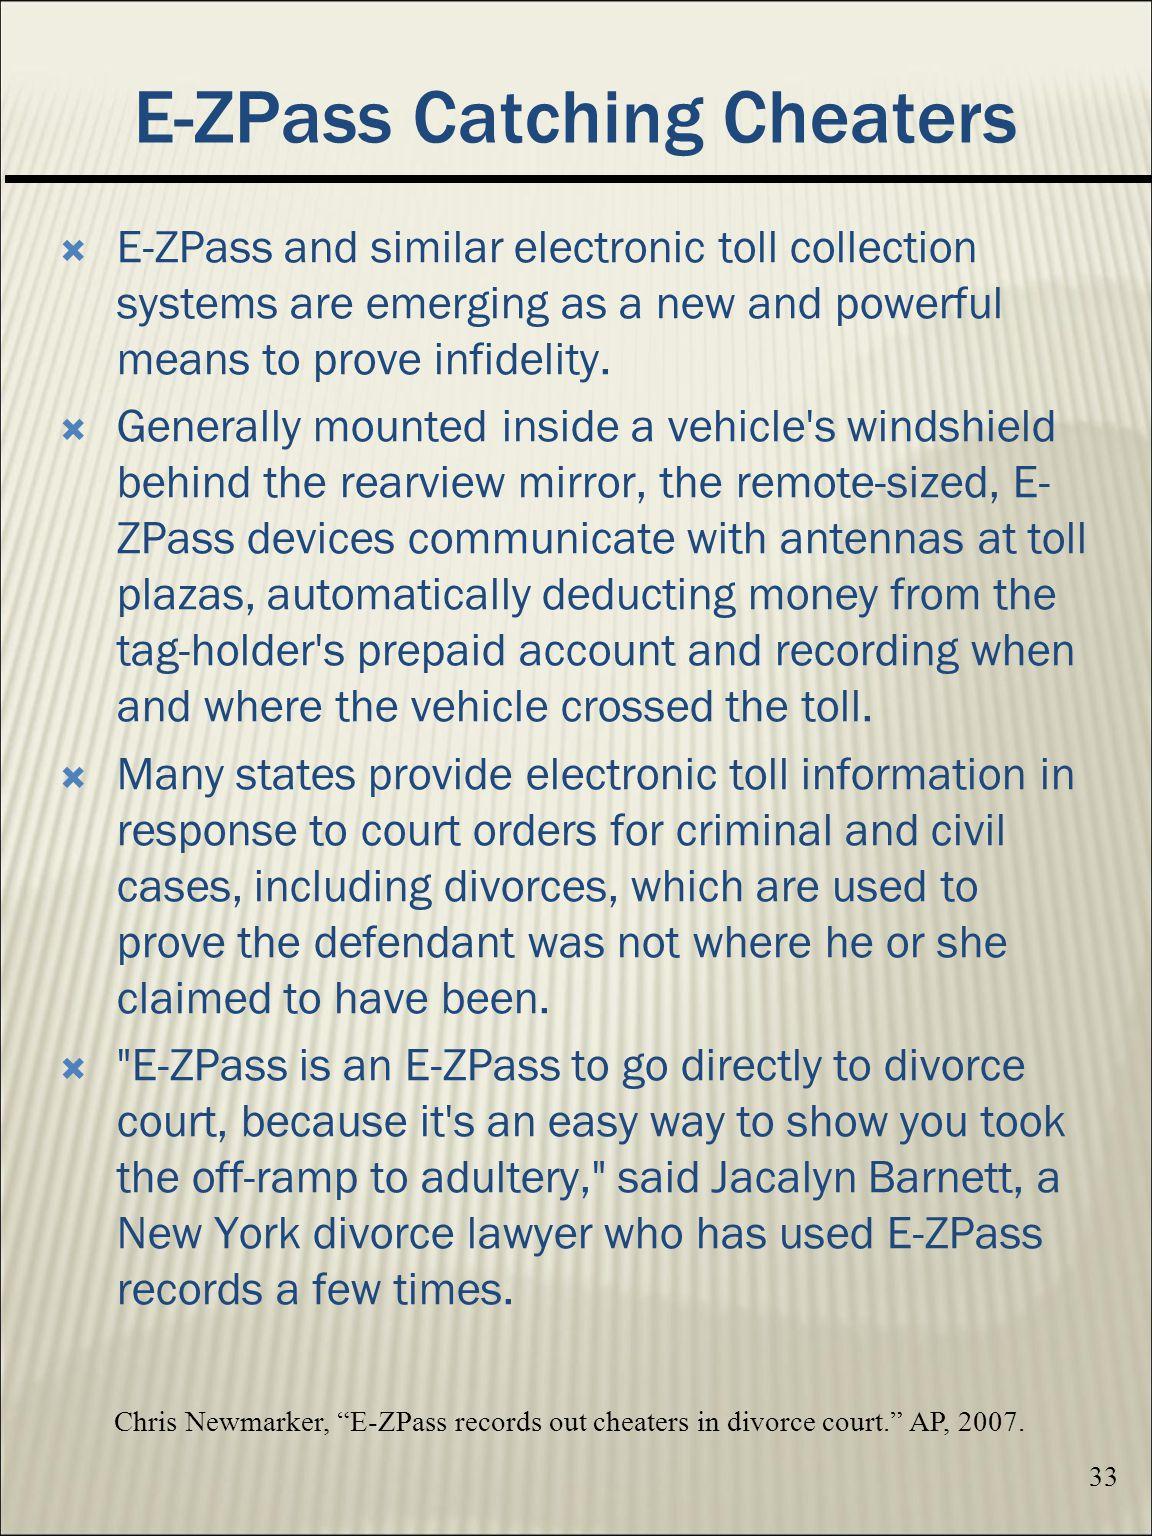 E-ZPass Catching Cheaters